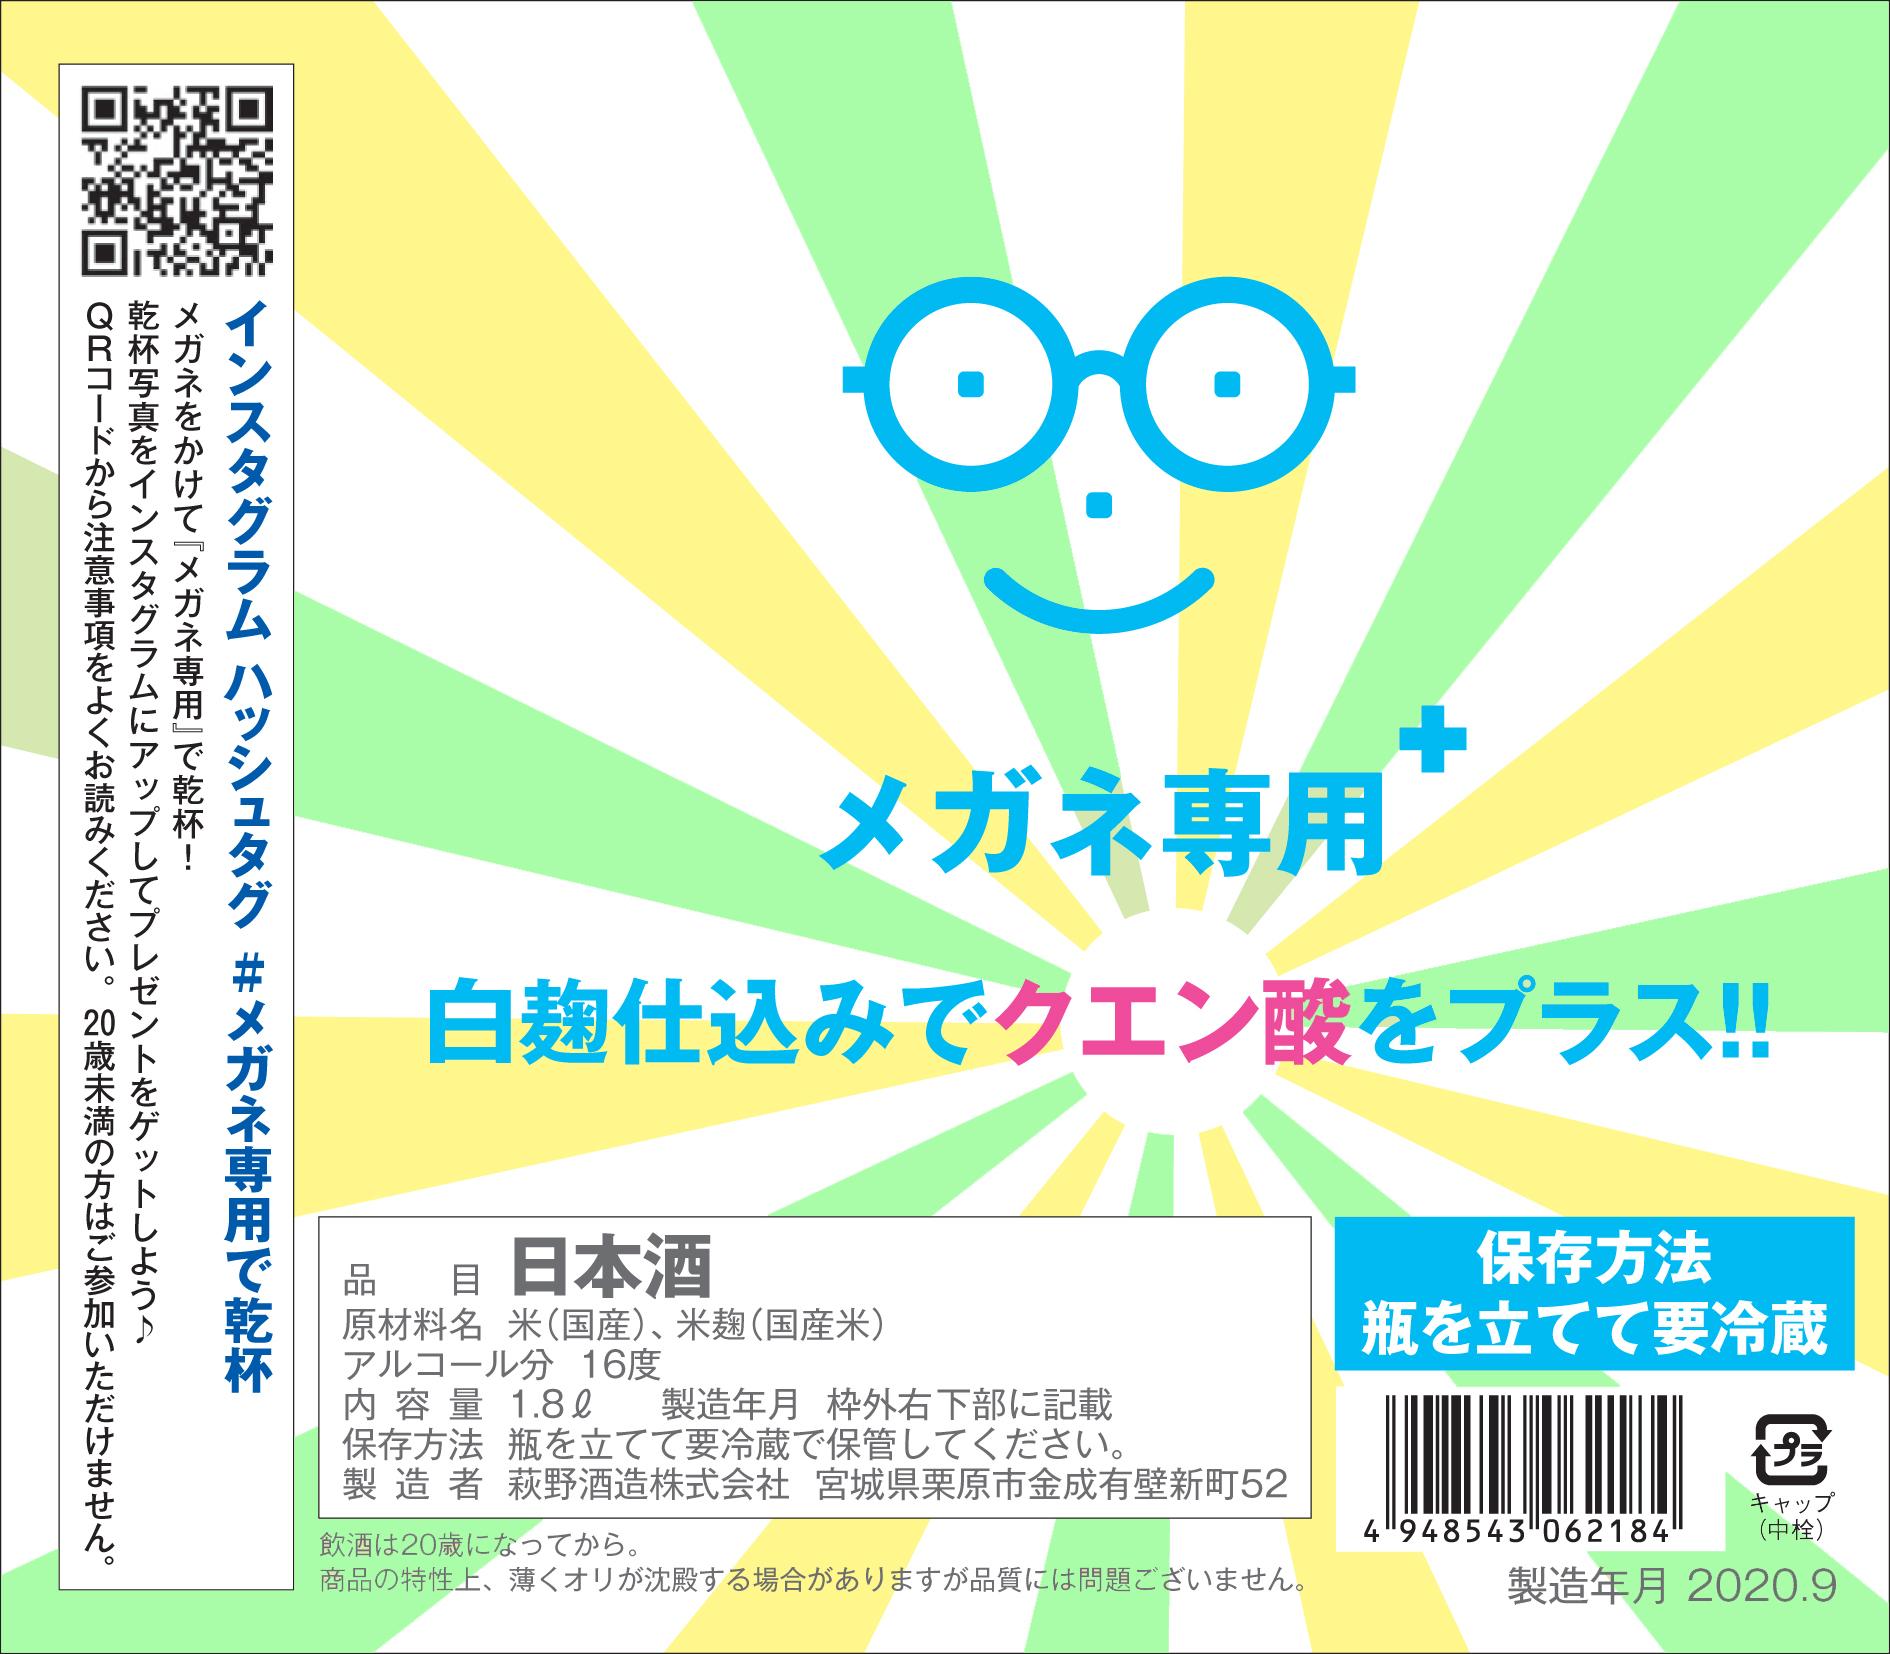 2020 萩の鶴 メガネ専用 プラス【白麹仕込みの限定酒】